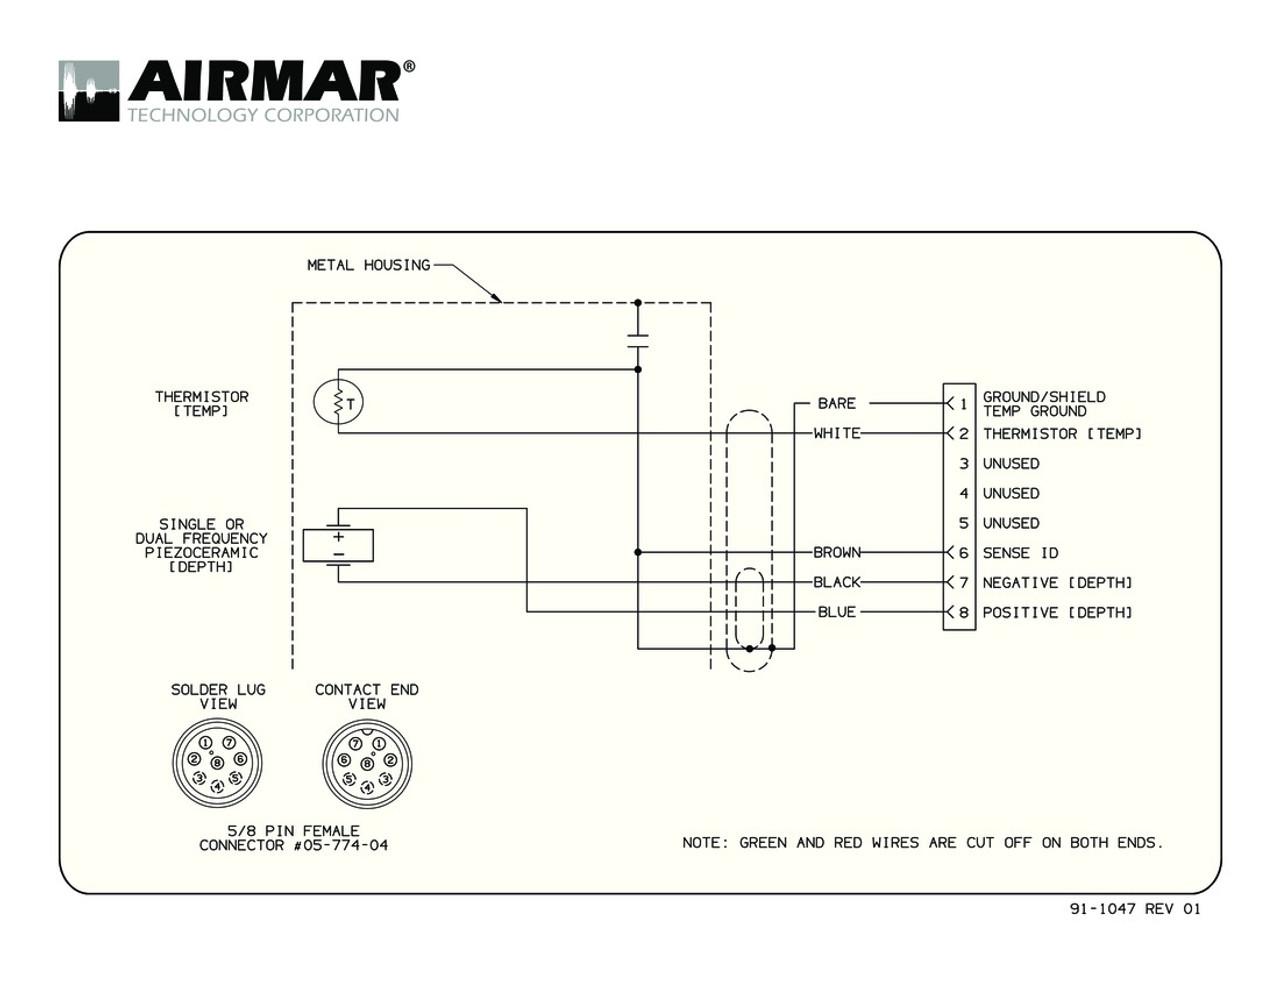 hight resolution of garmin 3205 wiring diagram wire management wiring diagram wiring diagram for garmin 3205